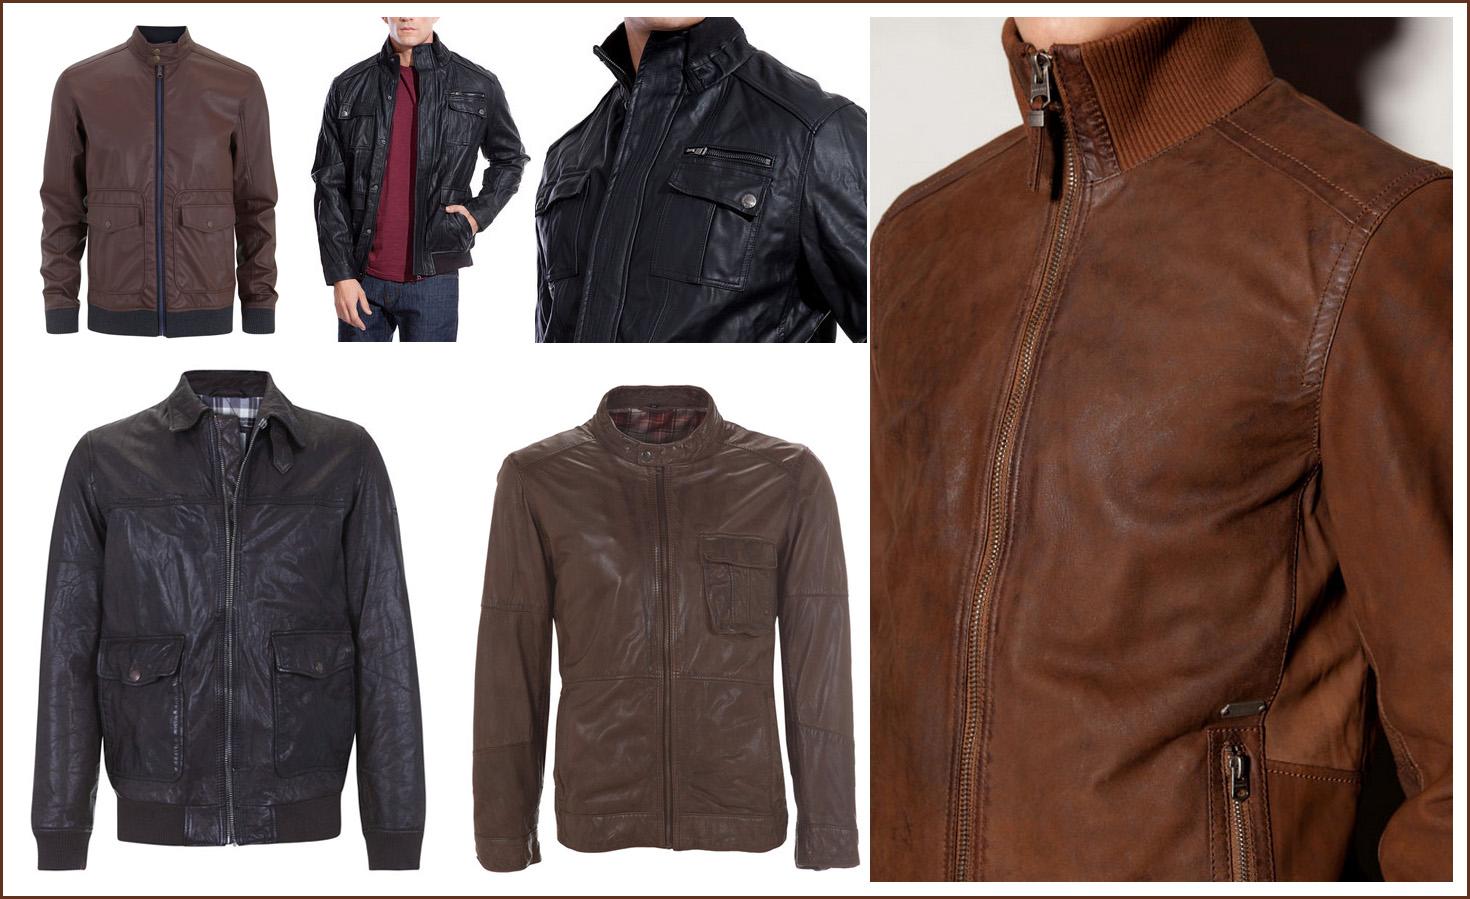 Prendas de vestir exteriores de todos los tiempos  febrero 2014 bedd1a7e512